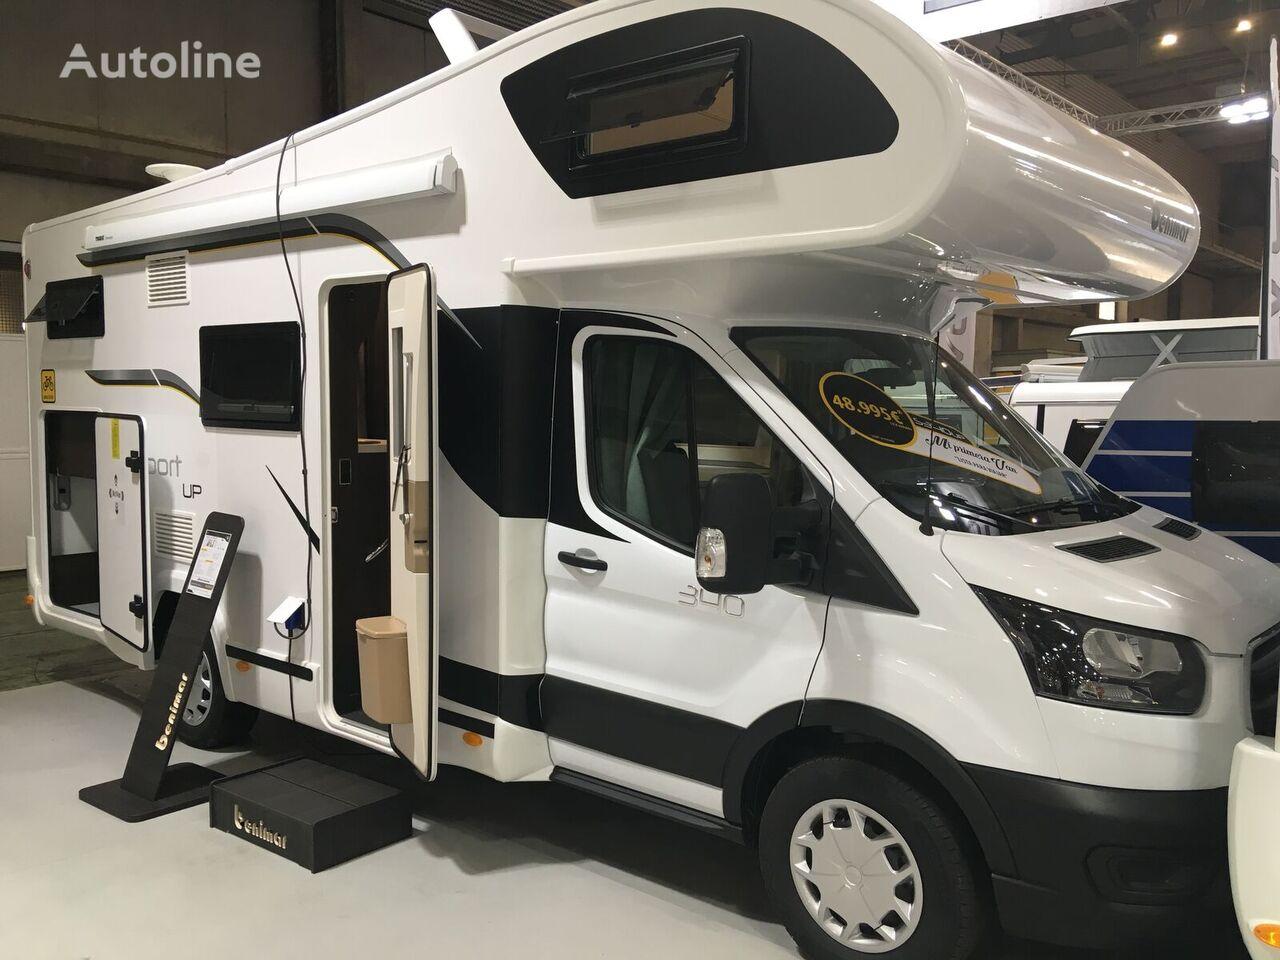 camping-car à capucine Benimar Ford,Sport 340 UP-5 locuri model 2021,Transport inclus! neuf